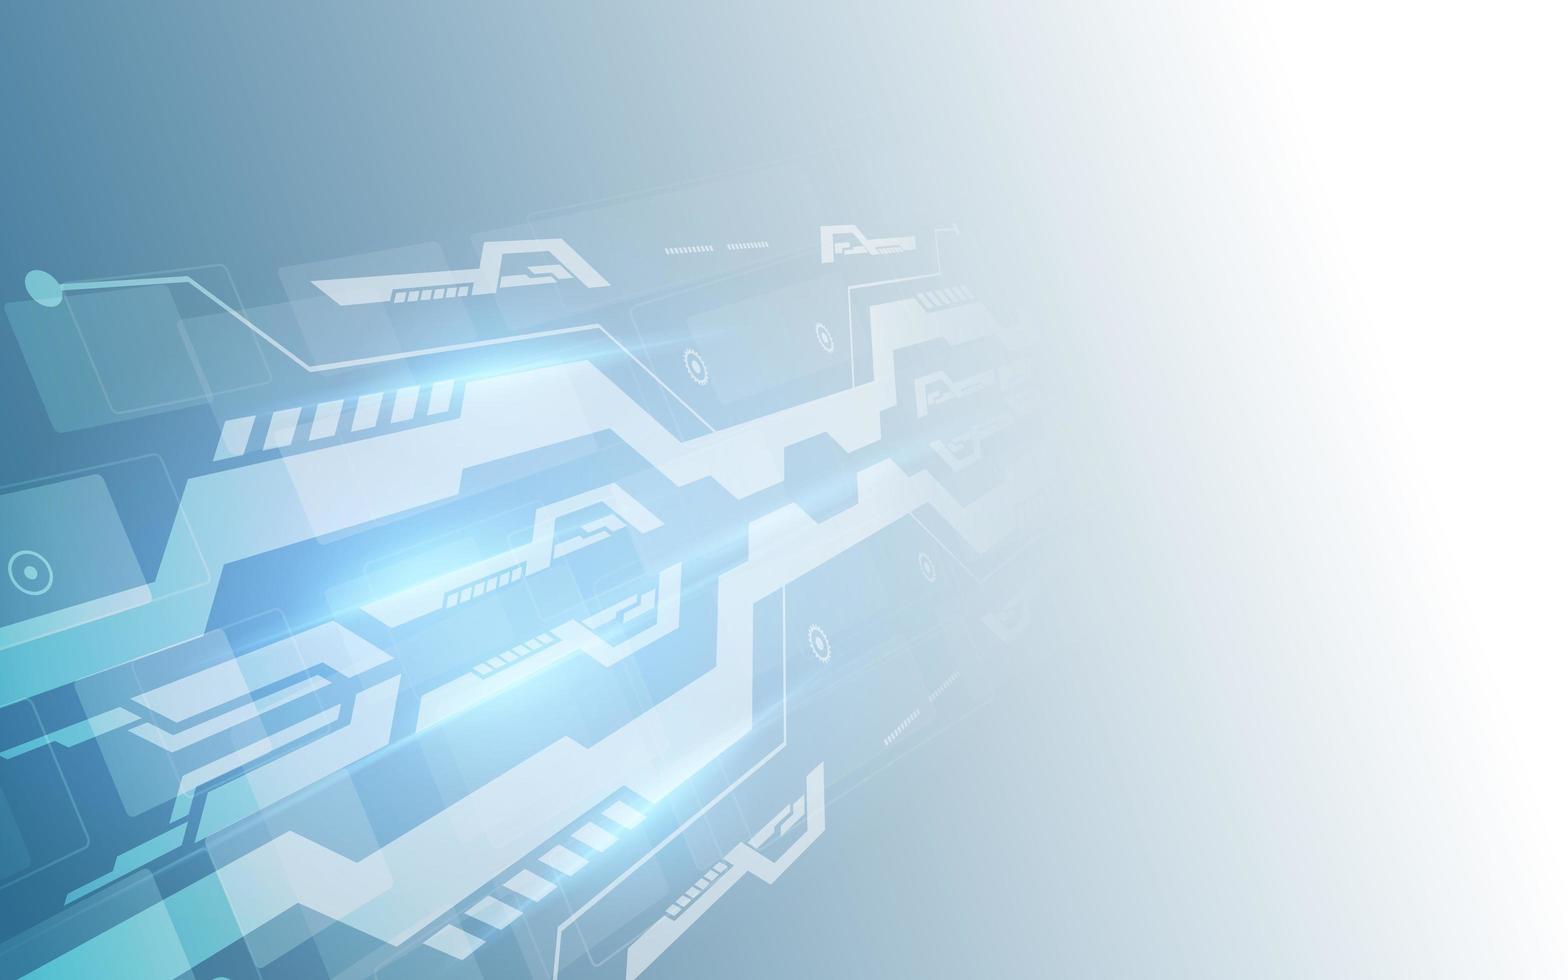 abstrakt digital högteknologisk teknikbakgrund vektor